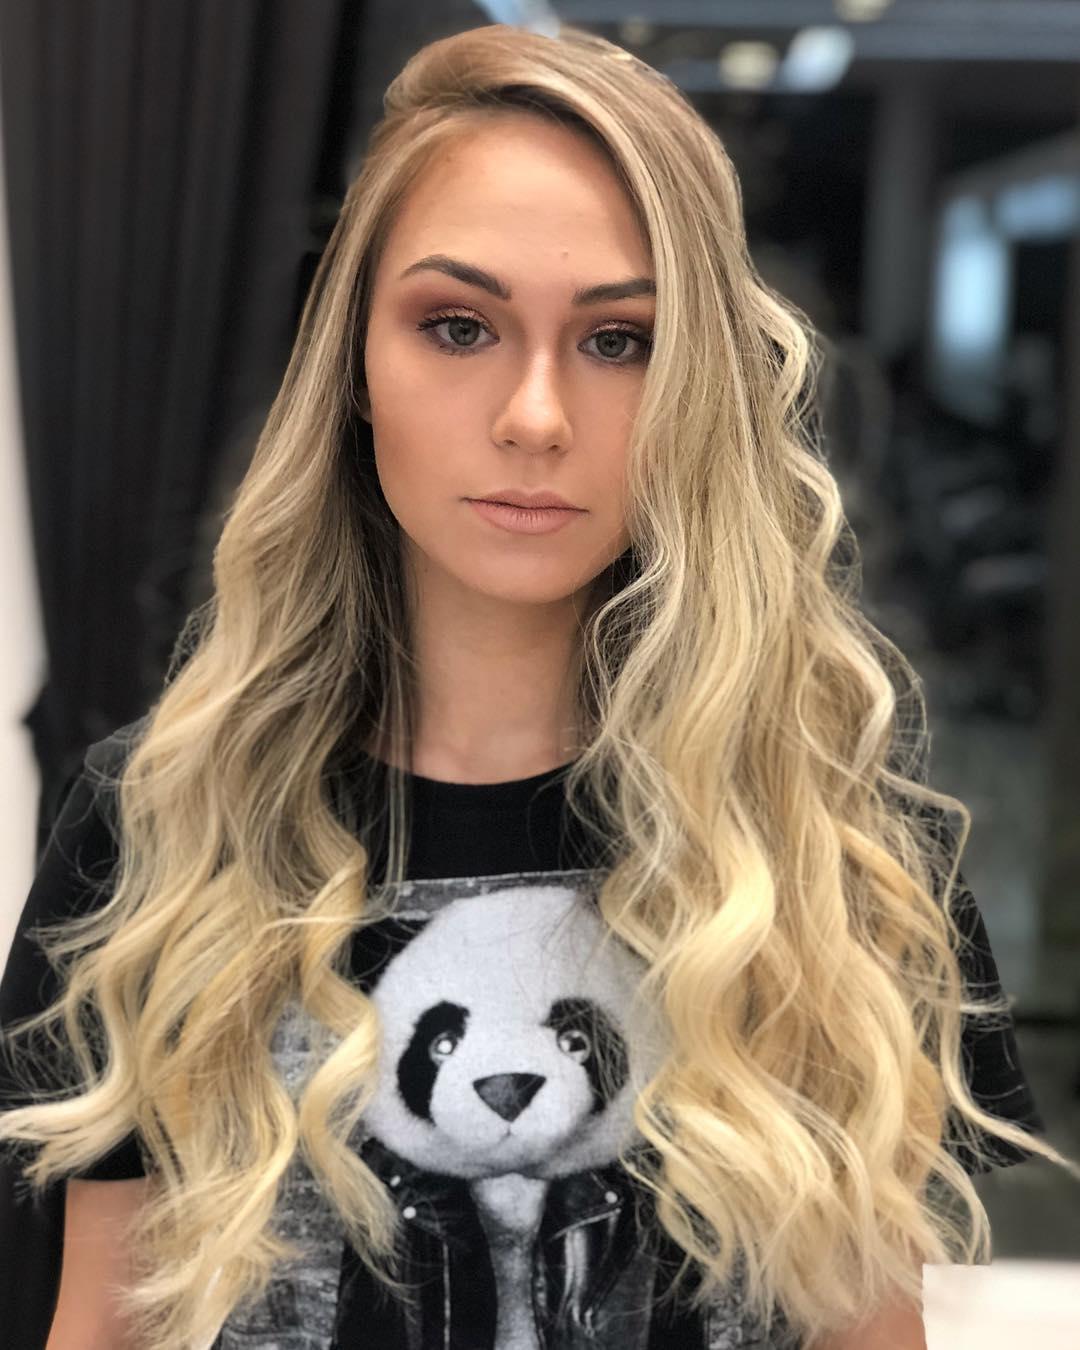 Como cuidar de cabelos loiros?